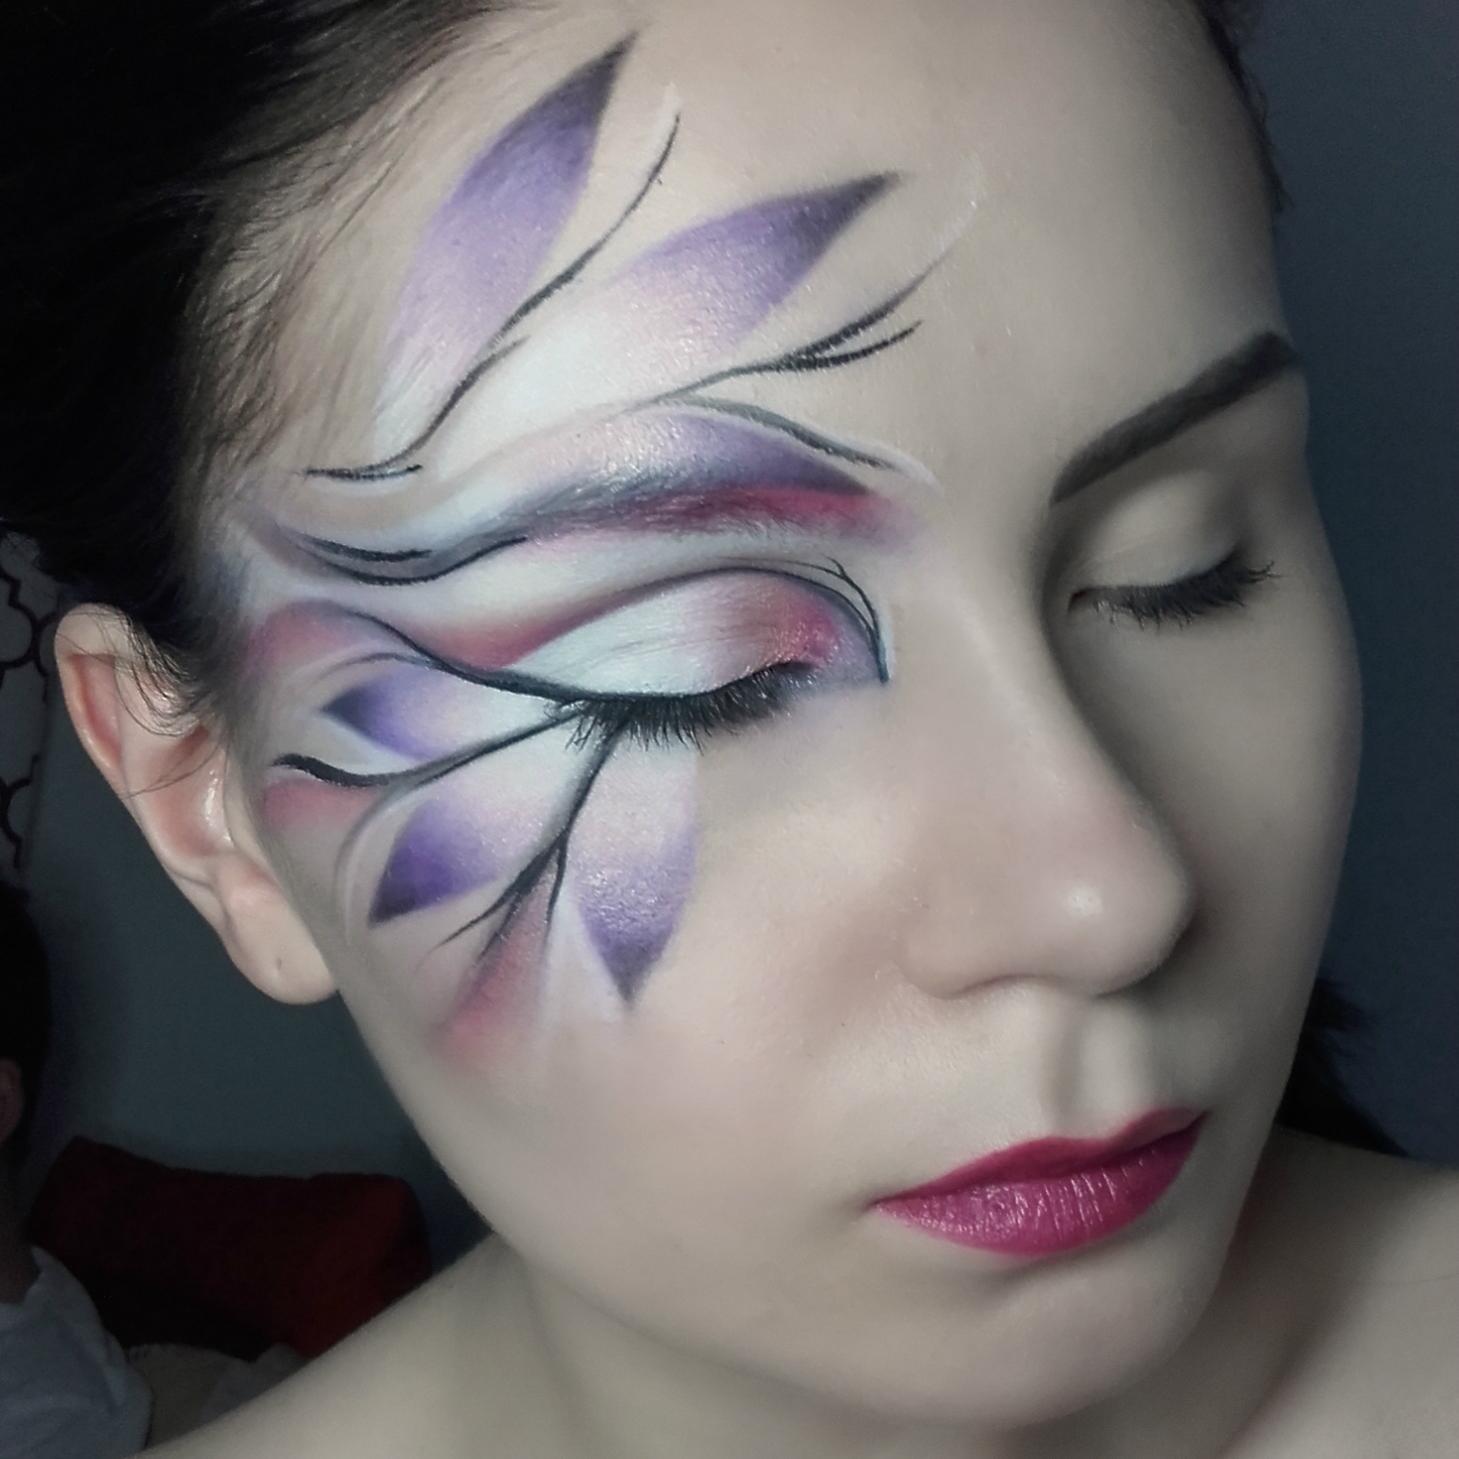 Blackarrot Makijaż Artystyczny Inspirowany Kwiatami